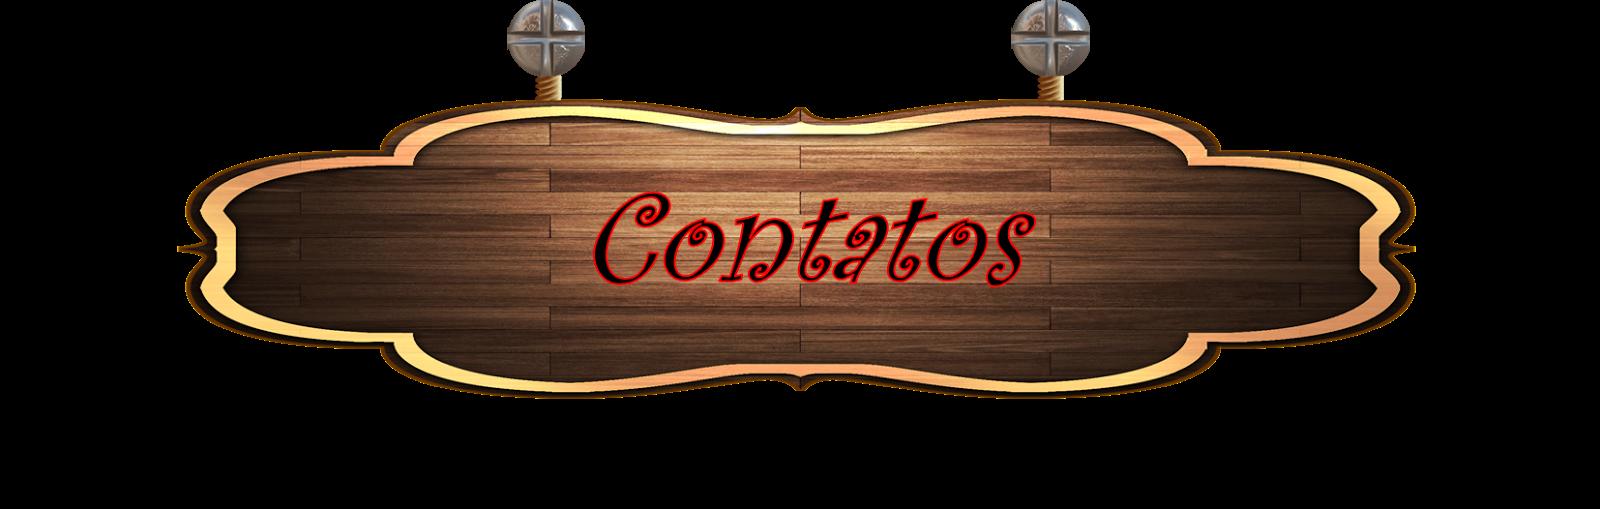 http://annesateliecontatos.blogspot.com.br/